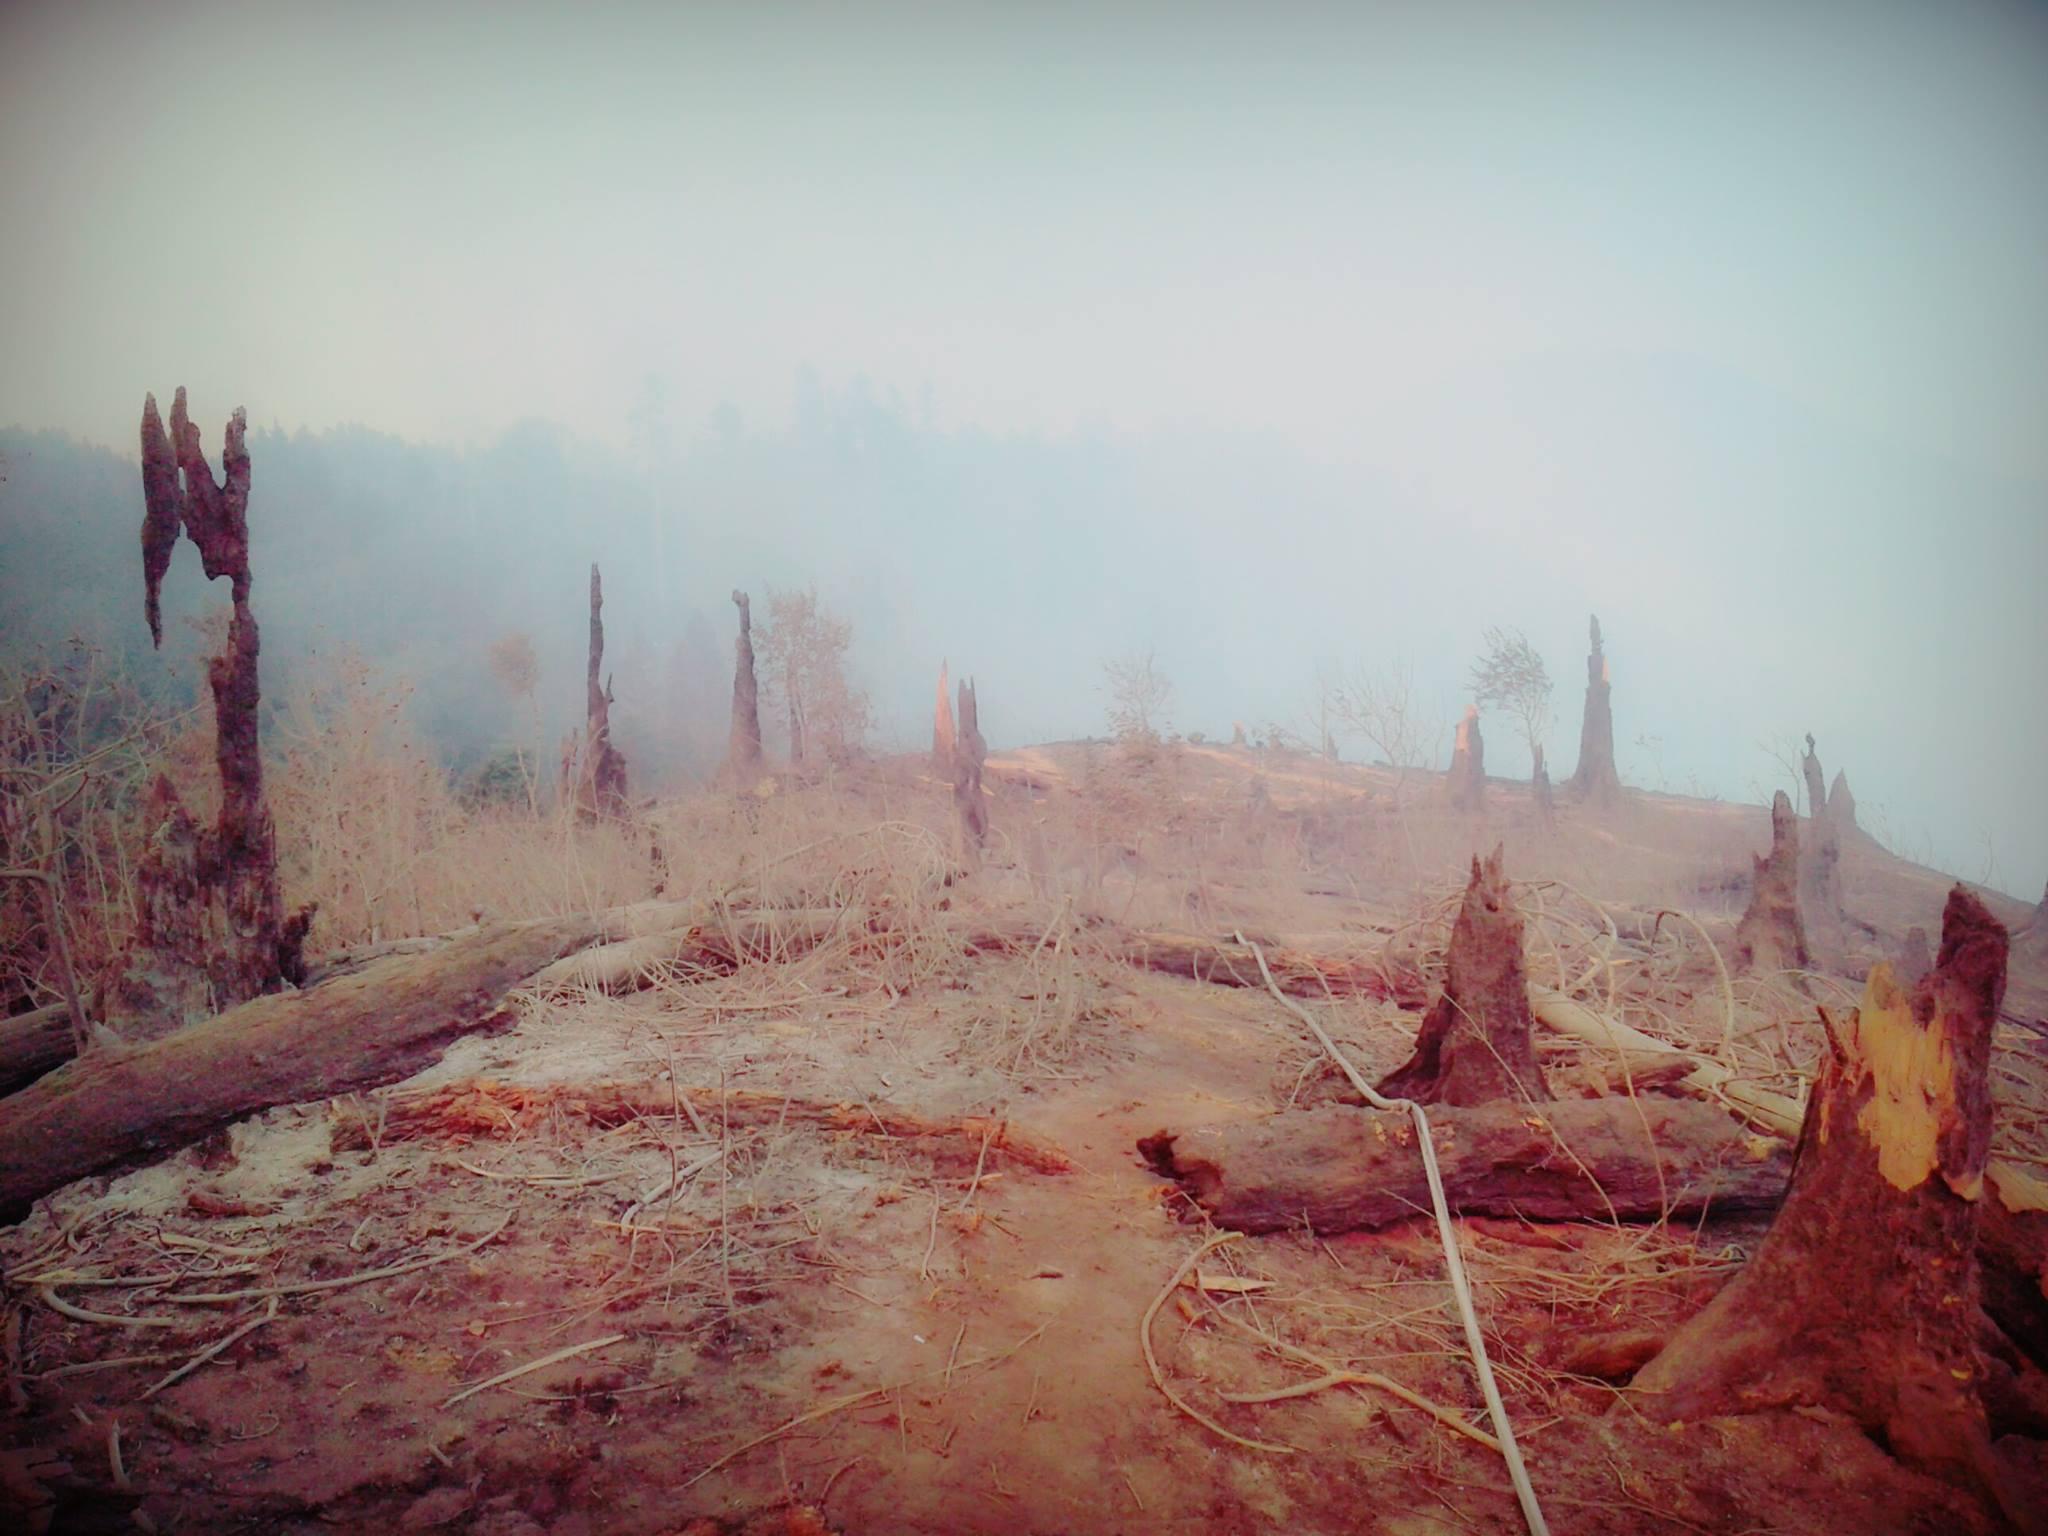 20989219 2163670600328322 8588195092959741293 o #фоторепортаж Боржомское ущелье, Грузия, пожар, фото